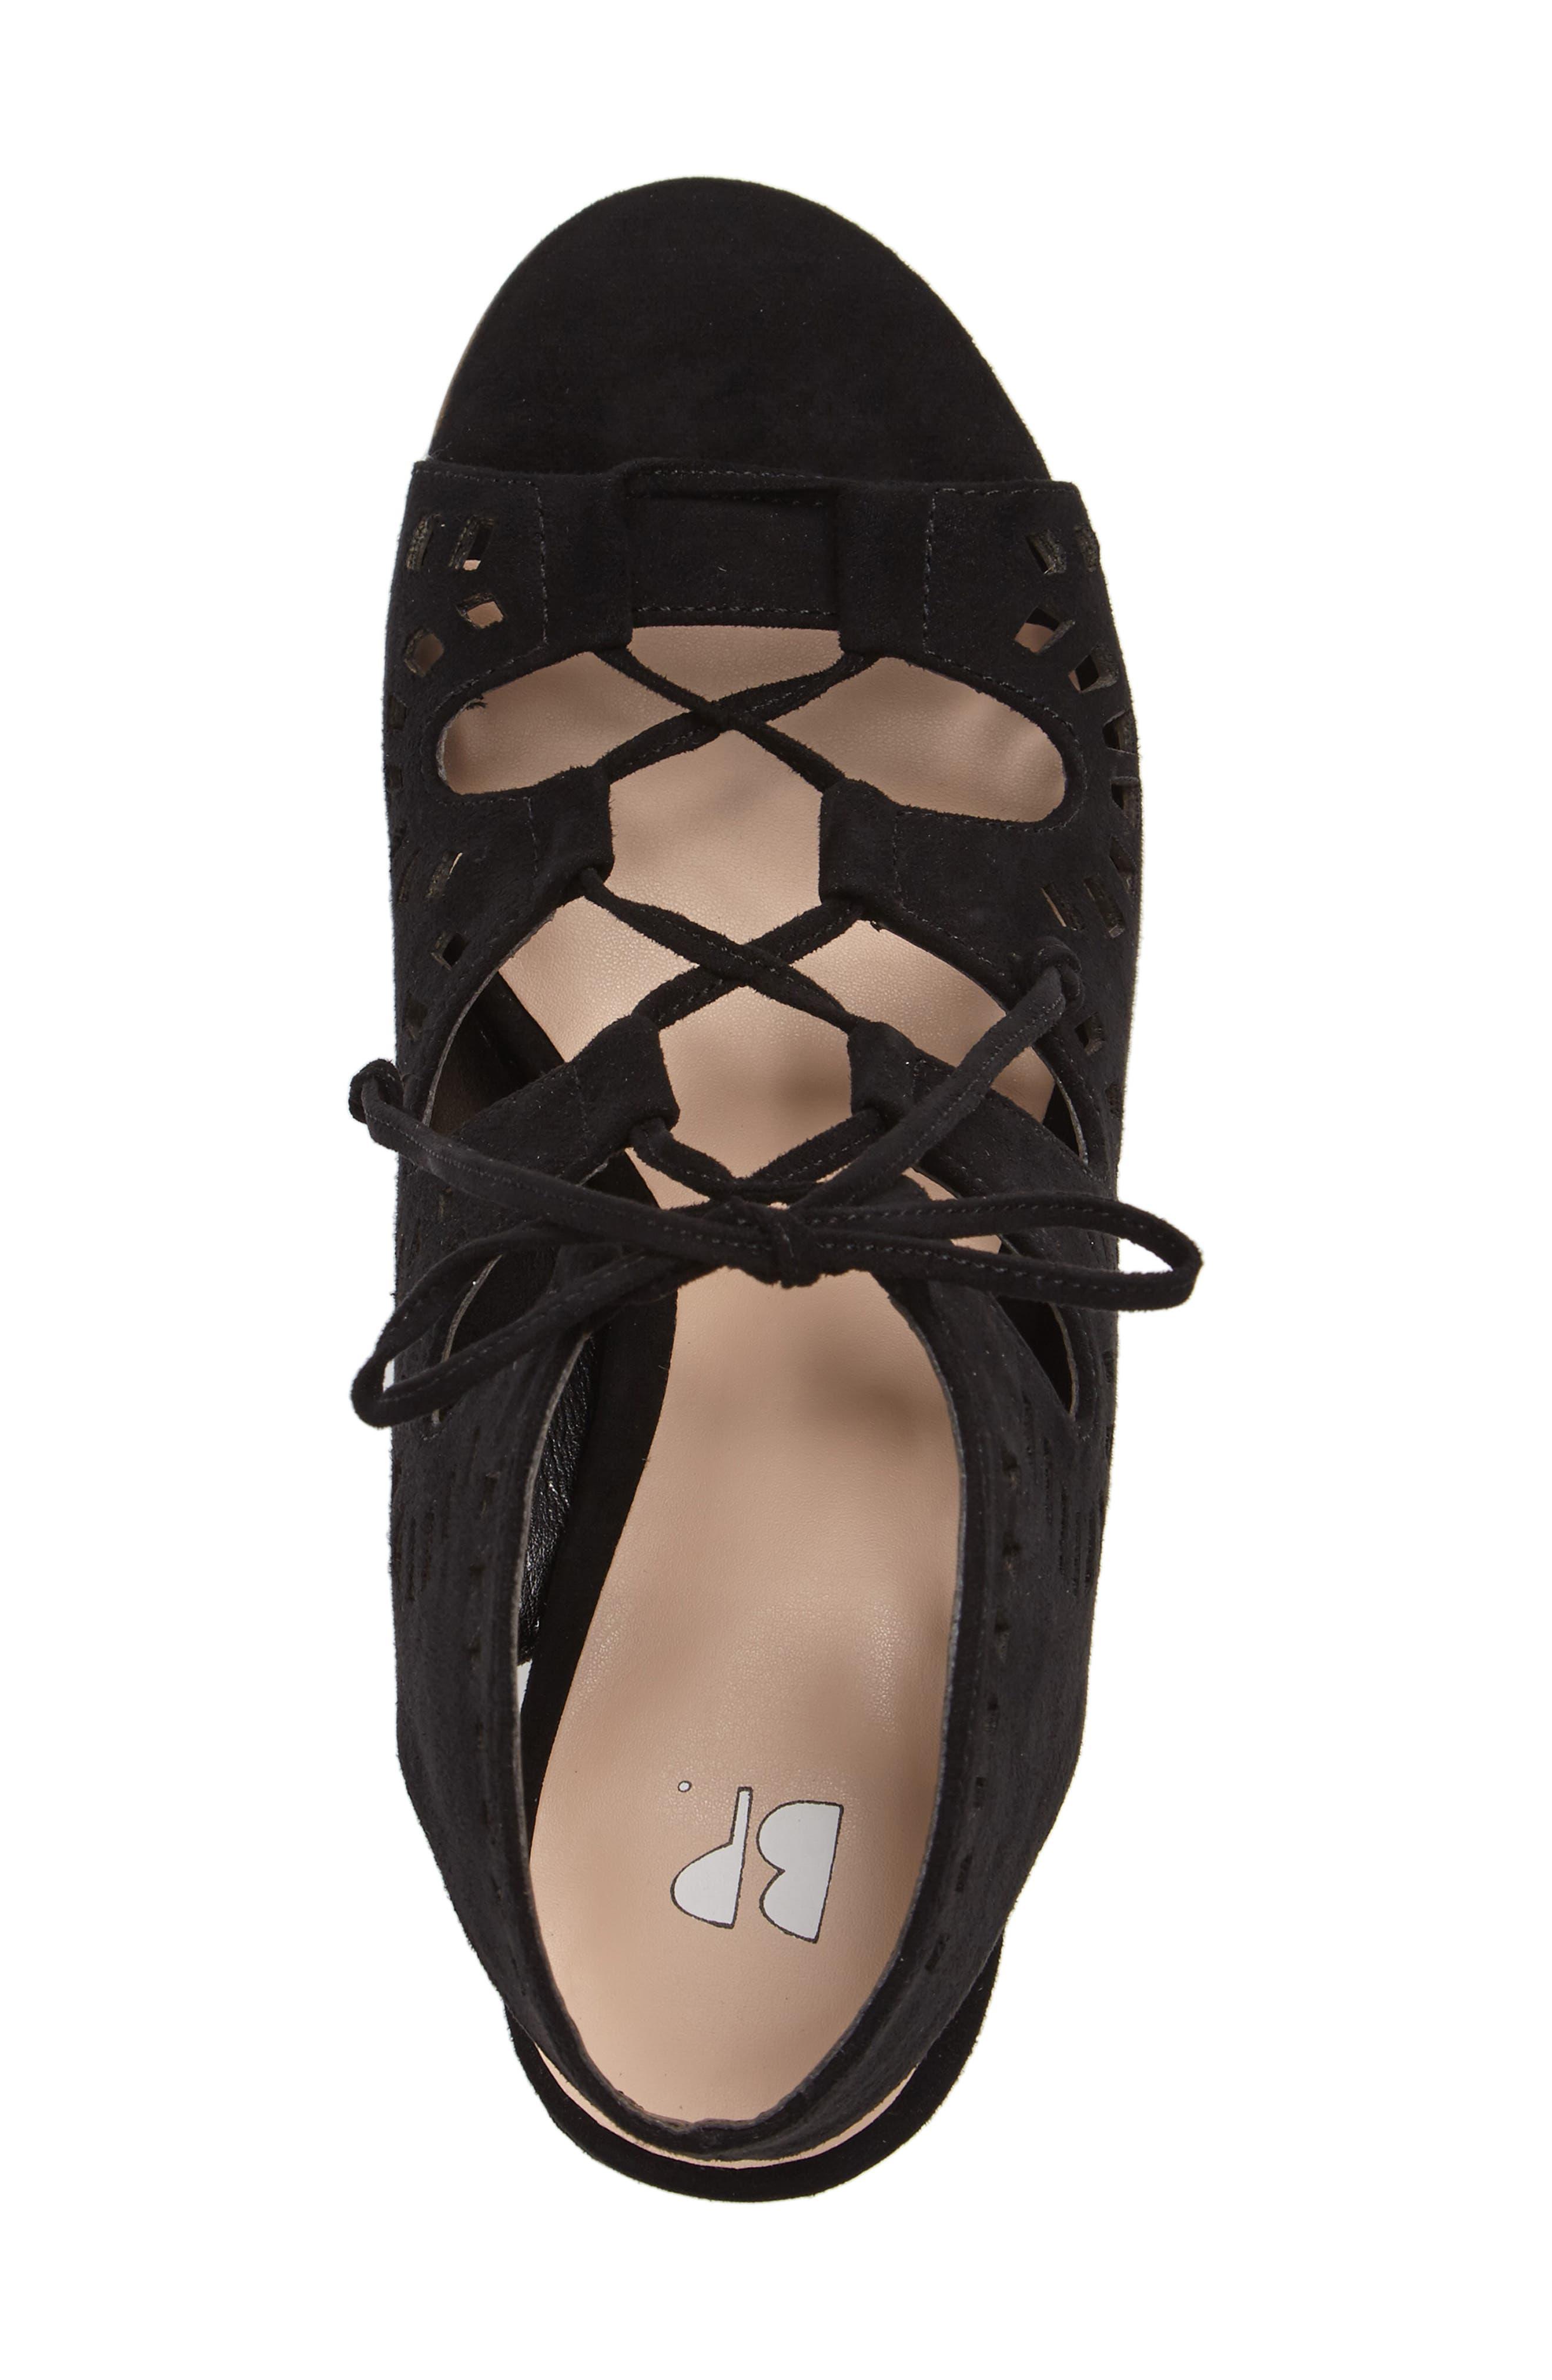 Decker Lace-Up Sandal,                             Alternate thumbnail 4, color,                             003